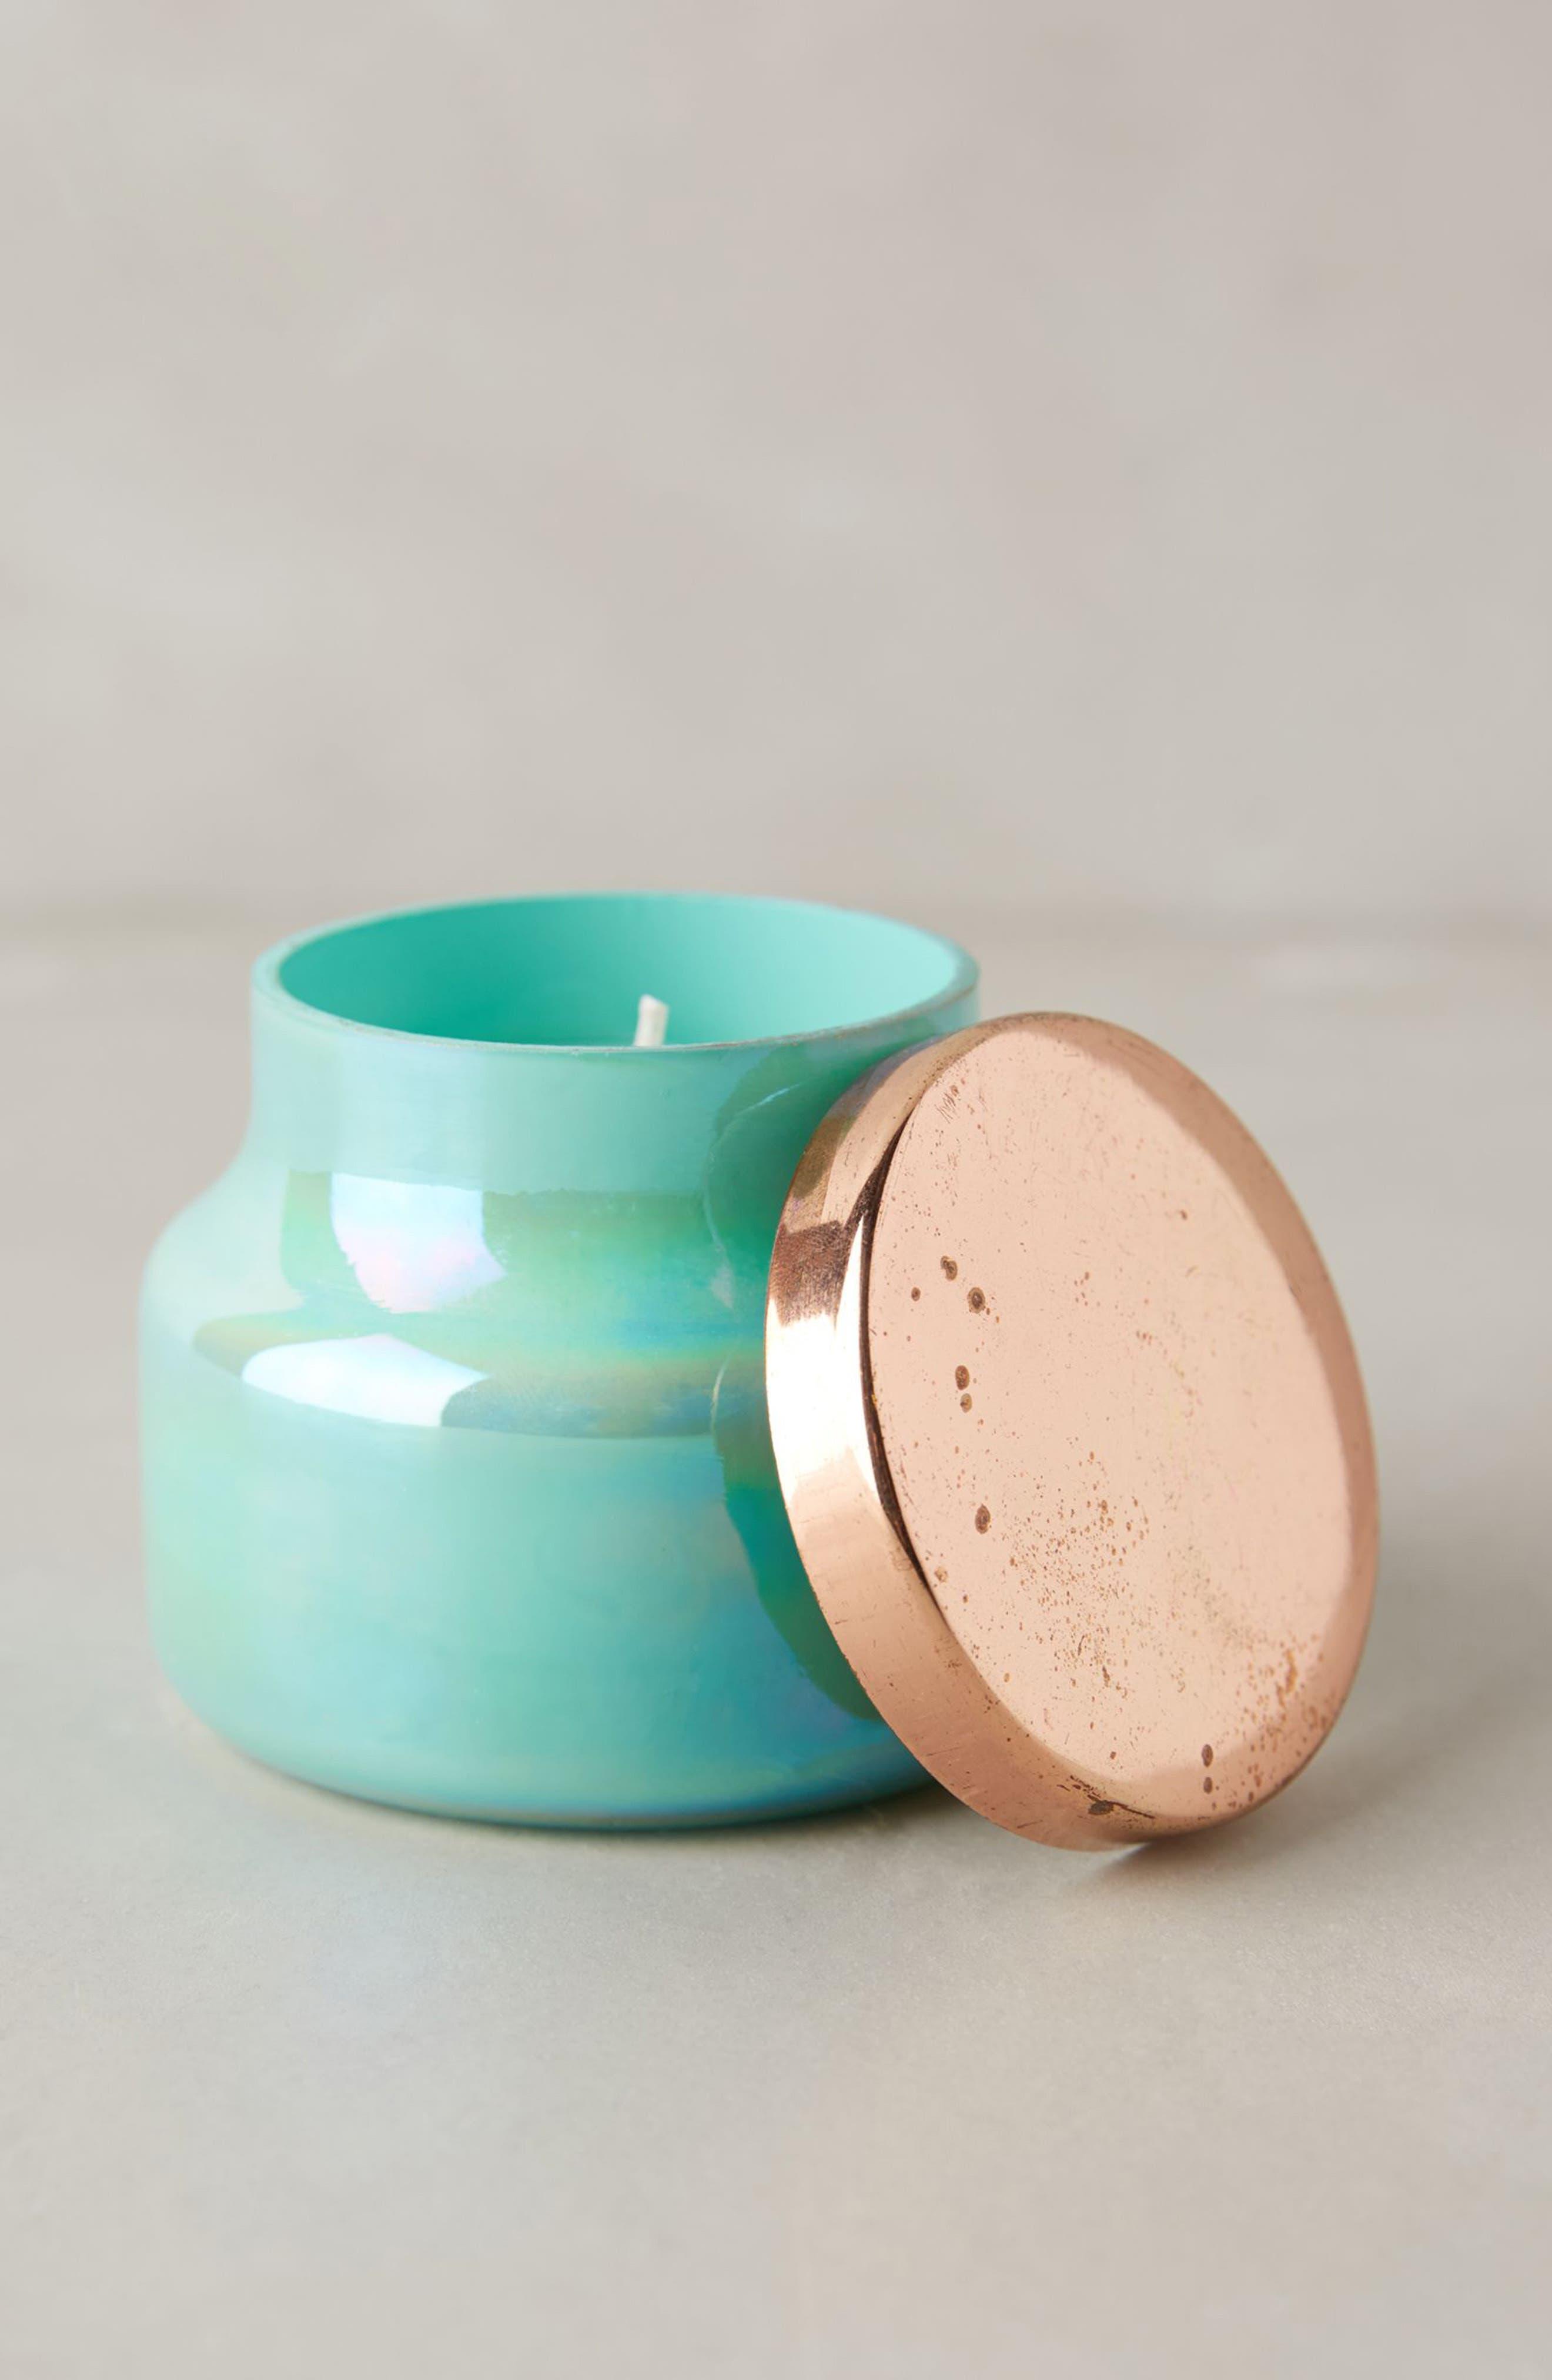 Mini Turquoise Opal Jar Candle,                             Main thumbnail 1, color,                             LOLA BLOSSOM